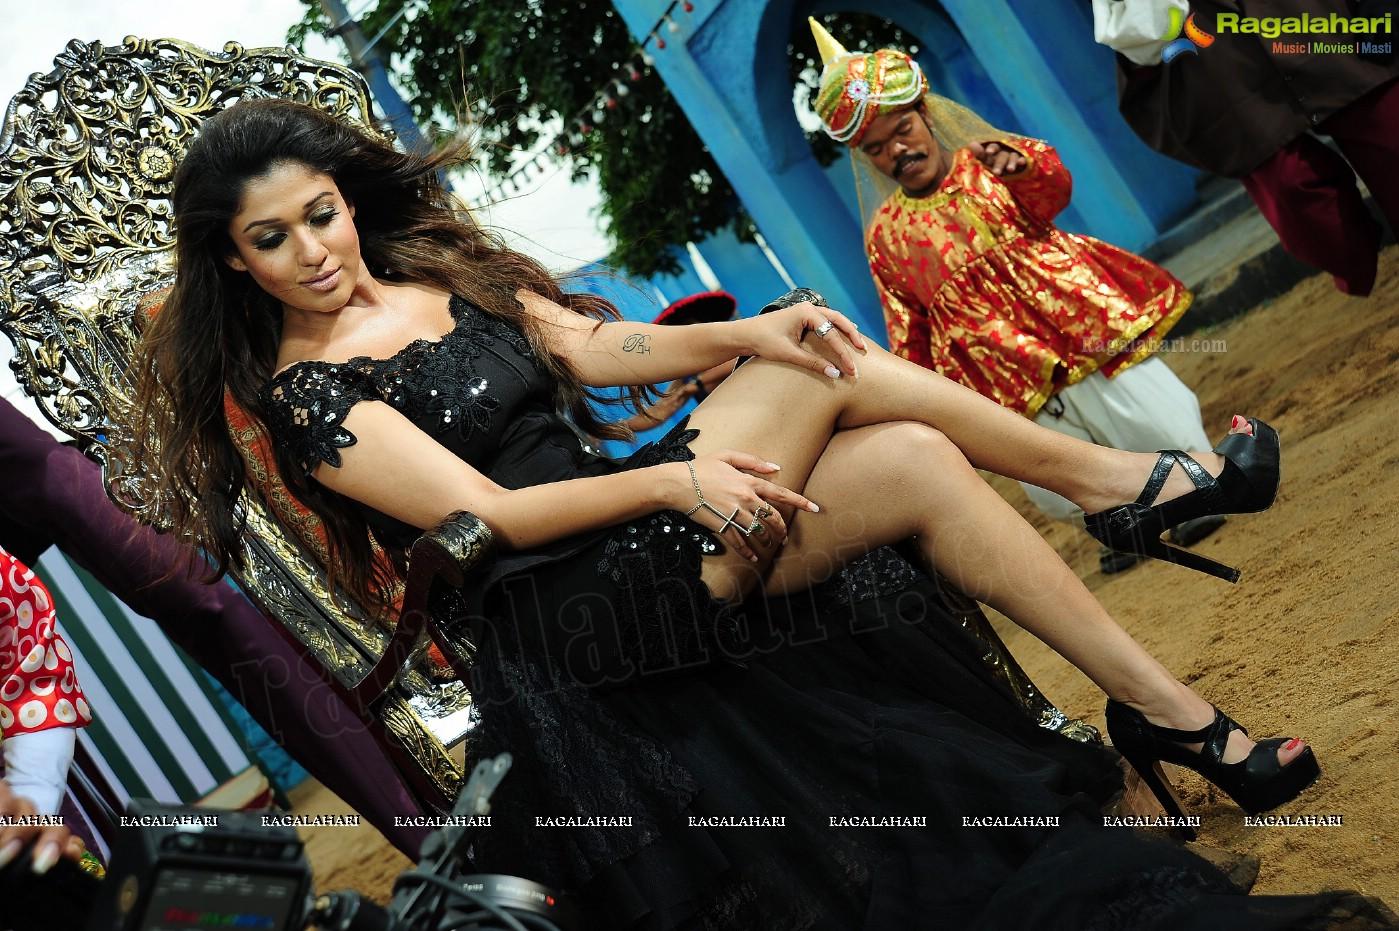 Nayanthara Stills From Krishnam Vande Jagadgurum, HD Gallery, Images